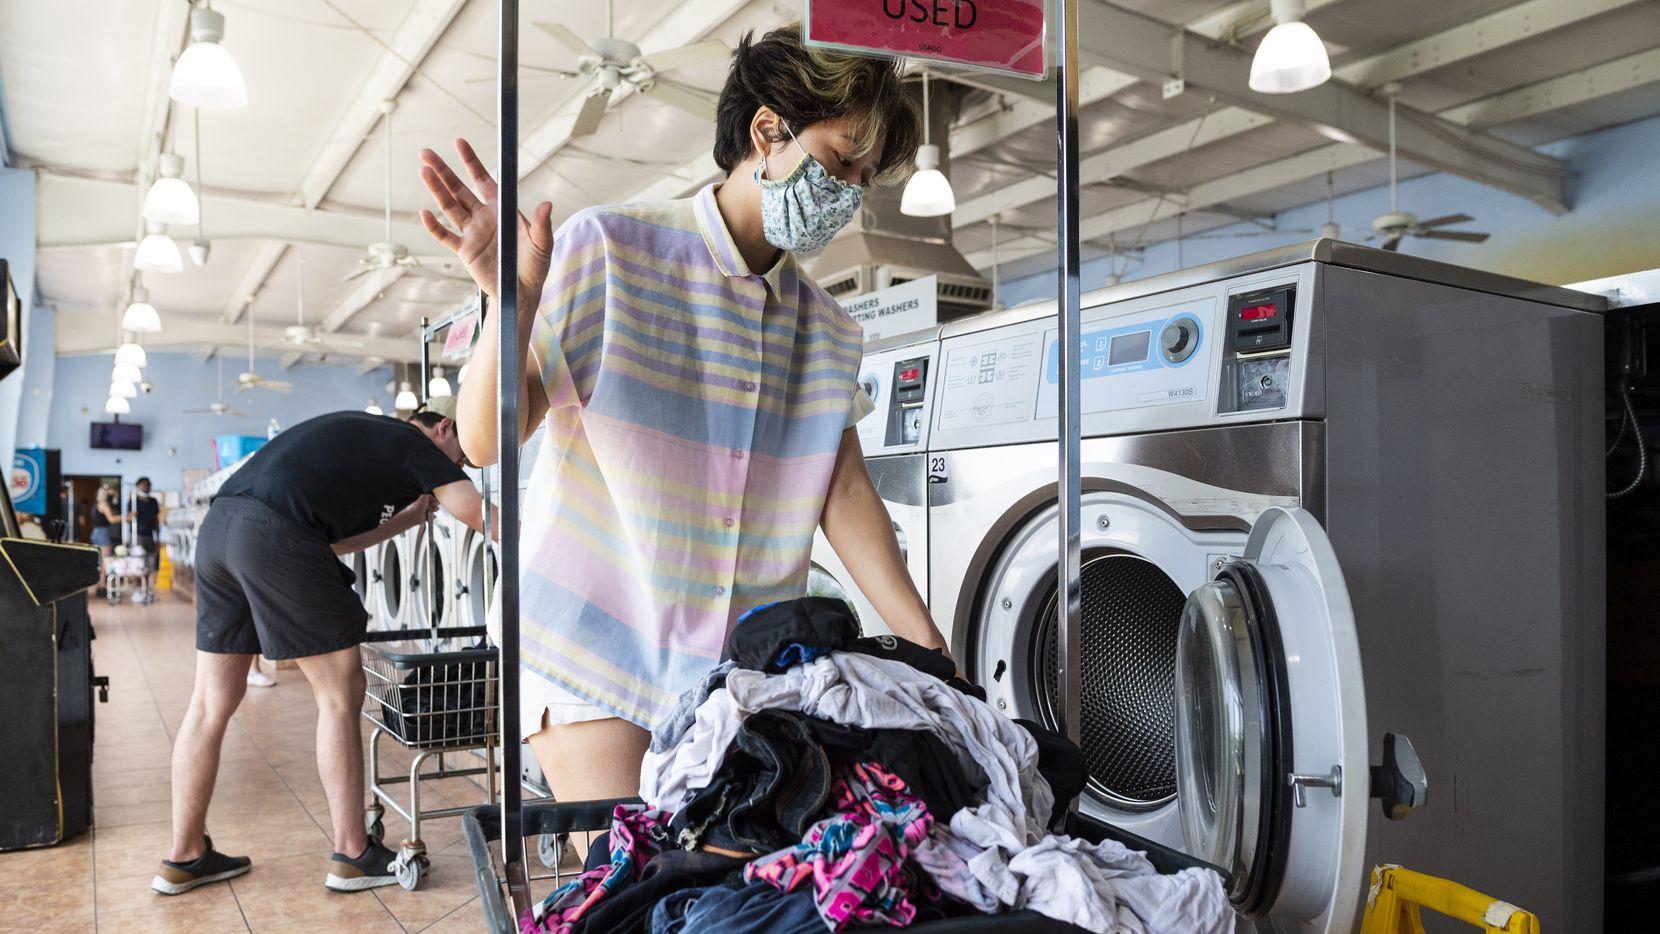 Una voluntaria ayuda a lavar ropa para Say It With Your Chest, una organización que ayuda a personas indigentes lavándoles su ropa en Xpress Wash N Dry en Dallas.